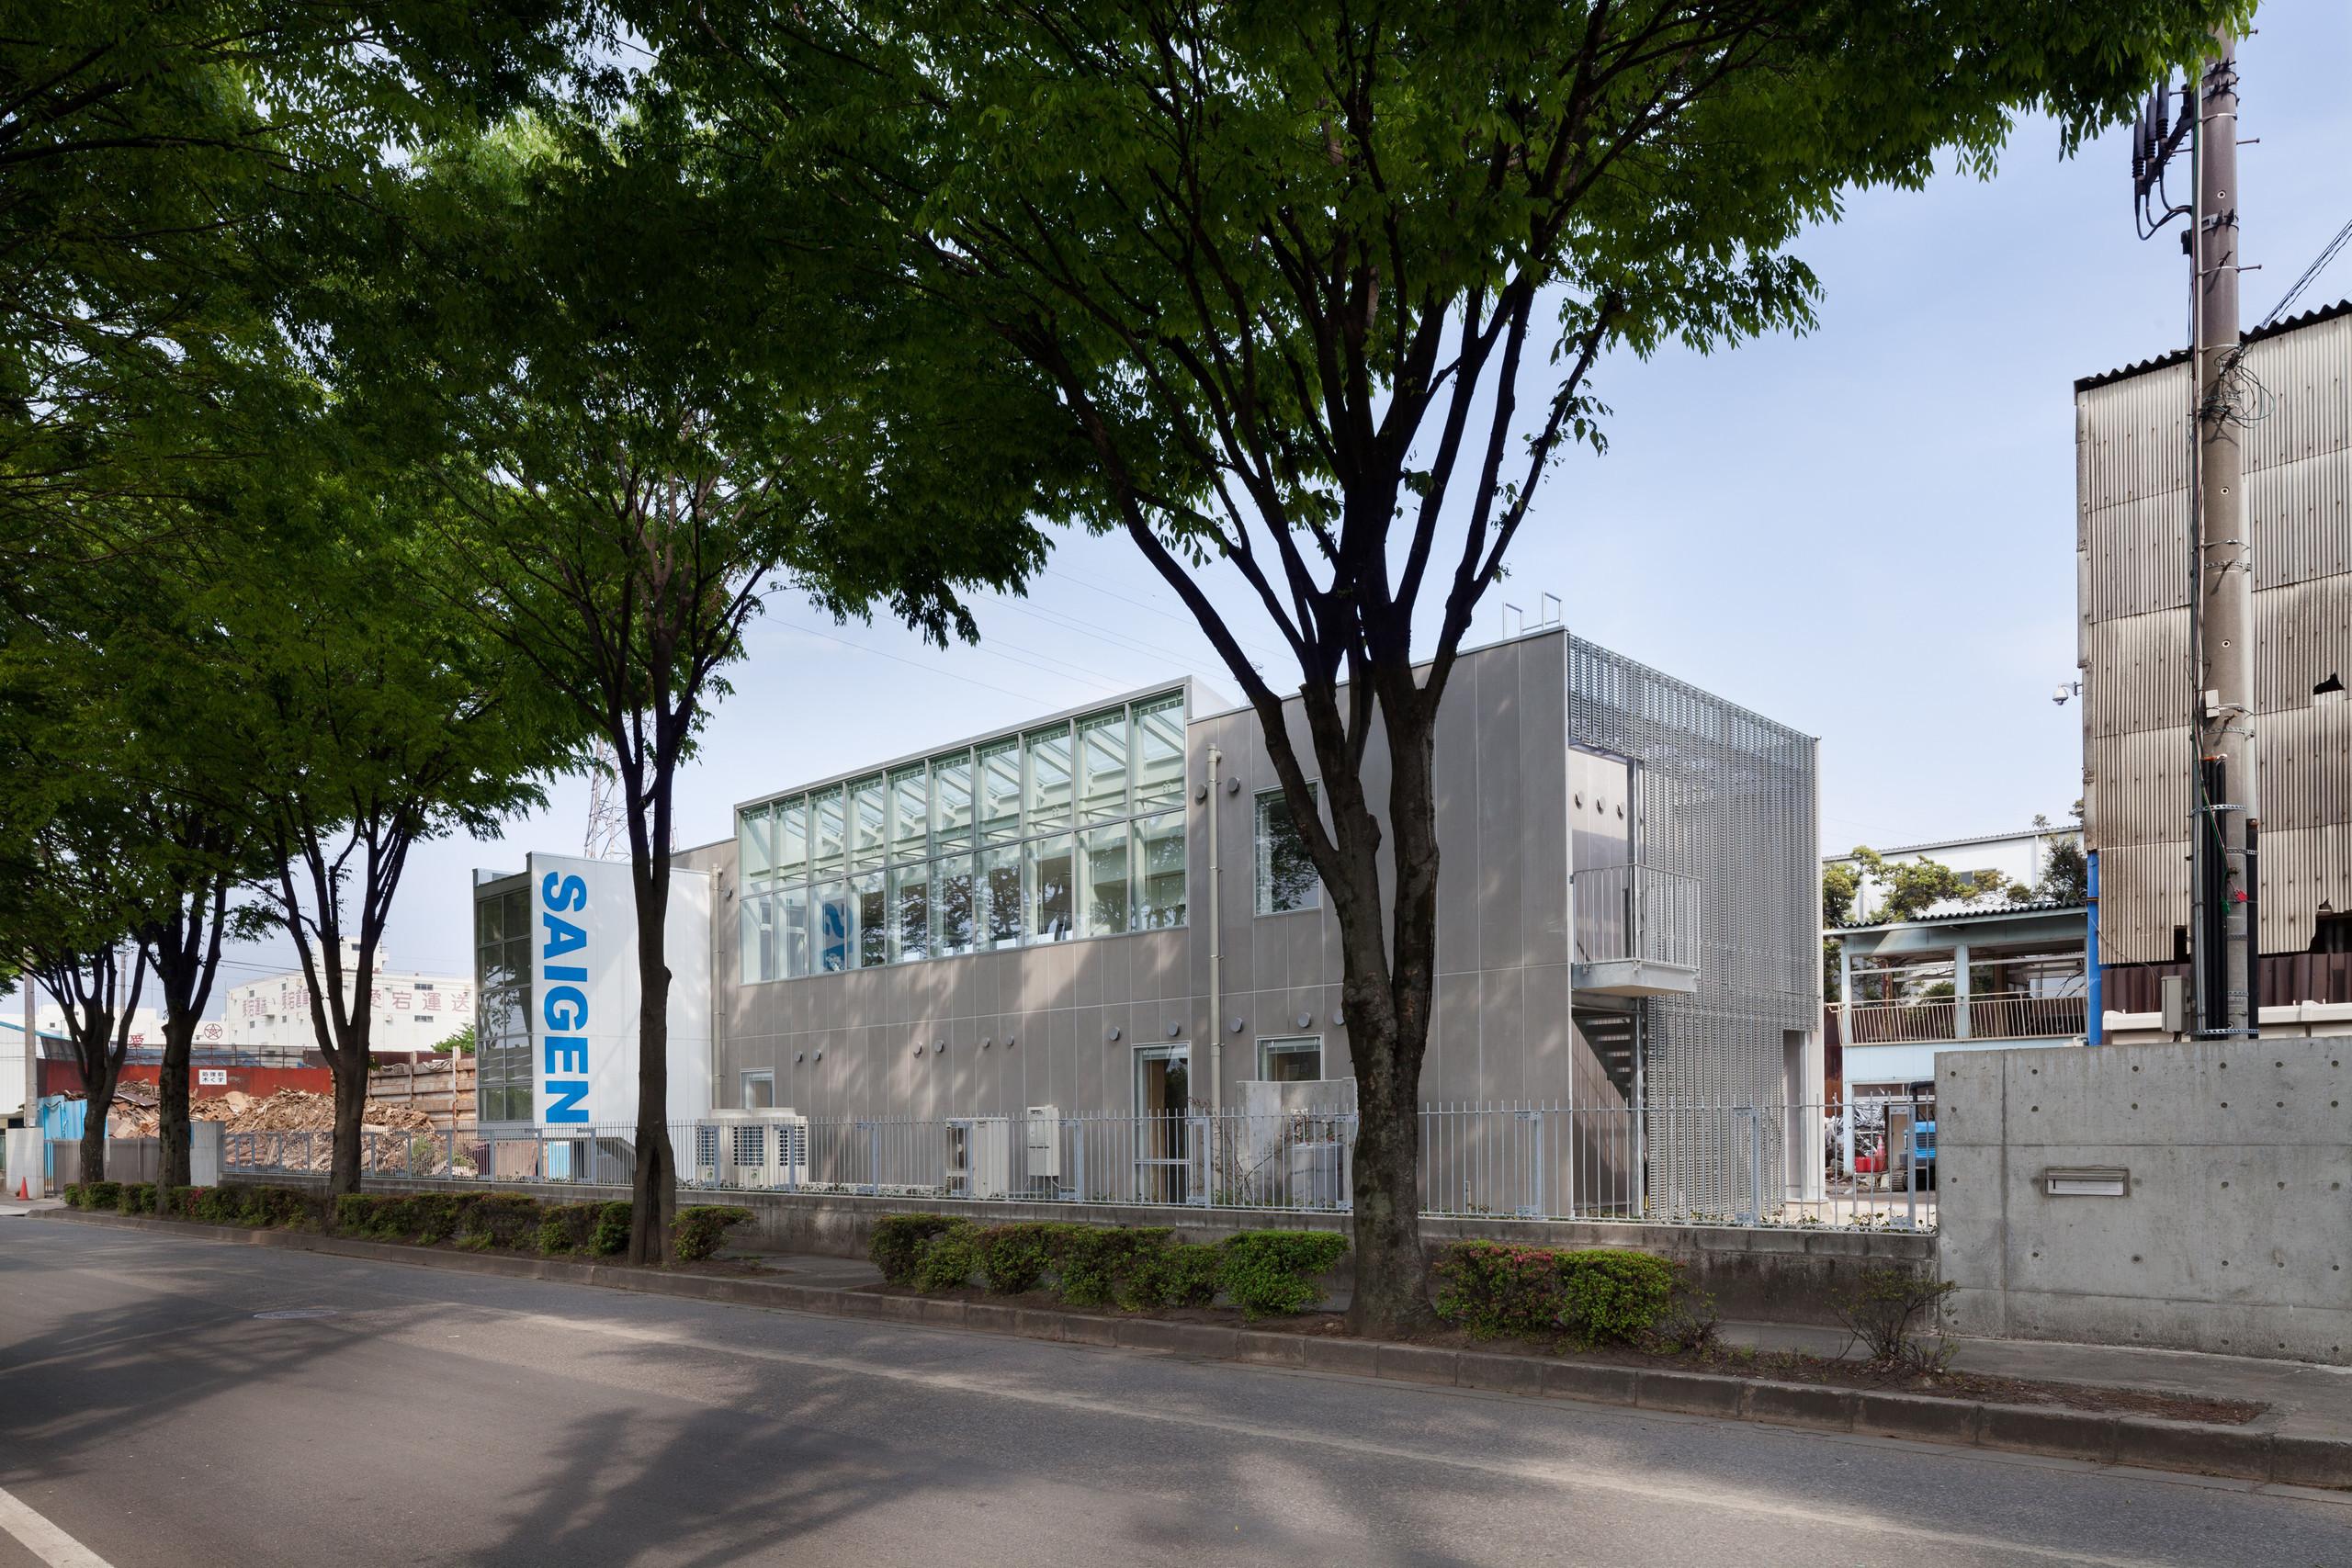 眺めの良い街路樹に向かって2階(食堂等)の開口部を大きくとっています | 工場と街路に開かれた事務所ビル